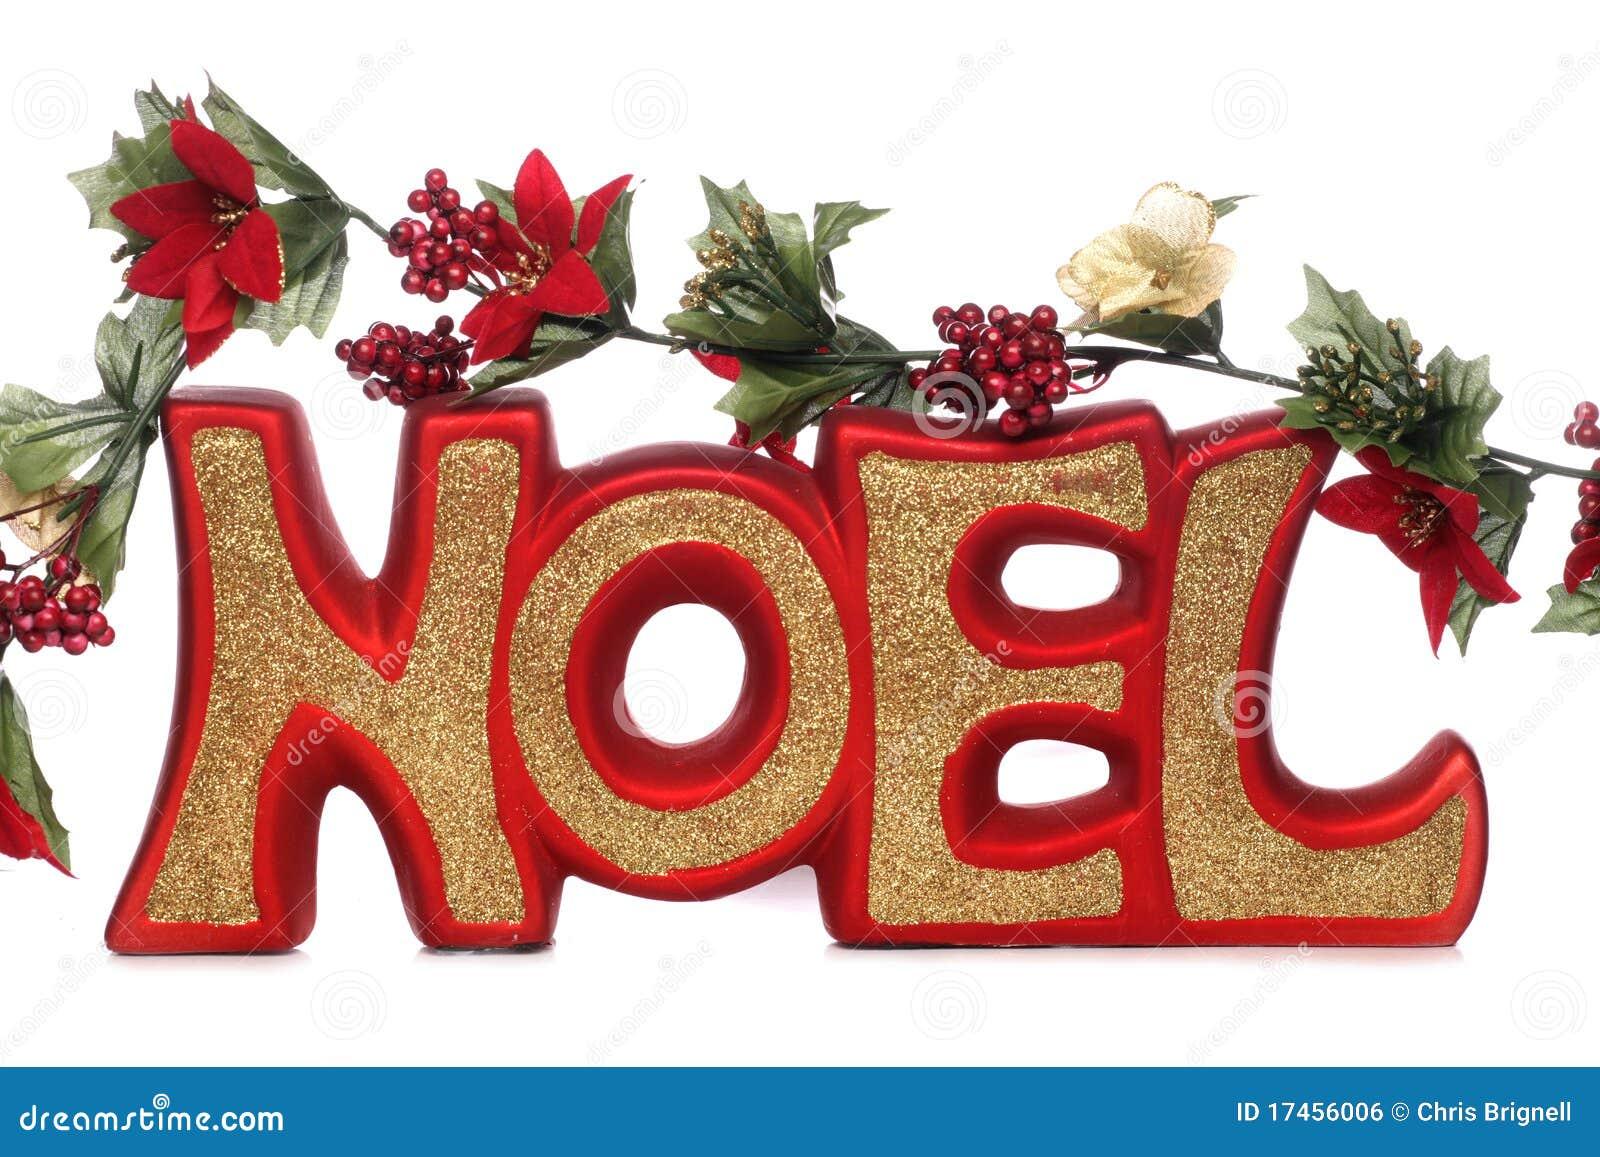 D coration de no l de noel image libre de droits image 17456006 - Image decoration noel ...